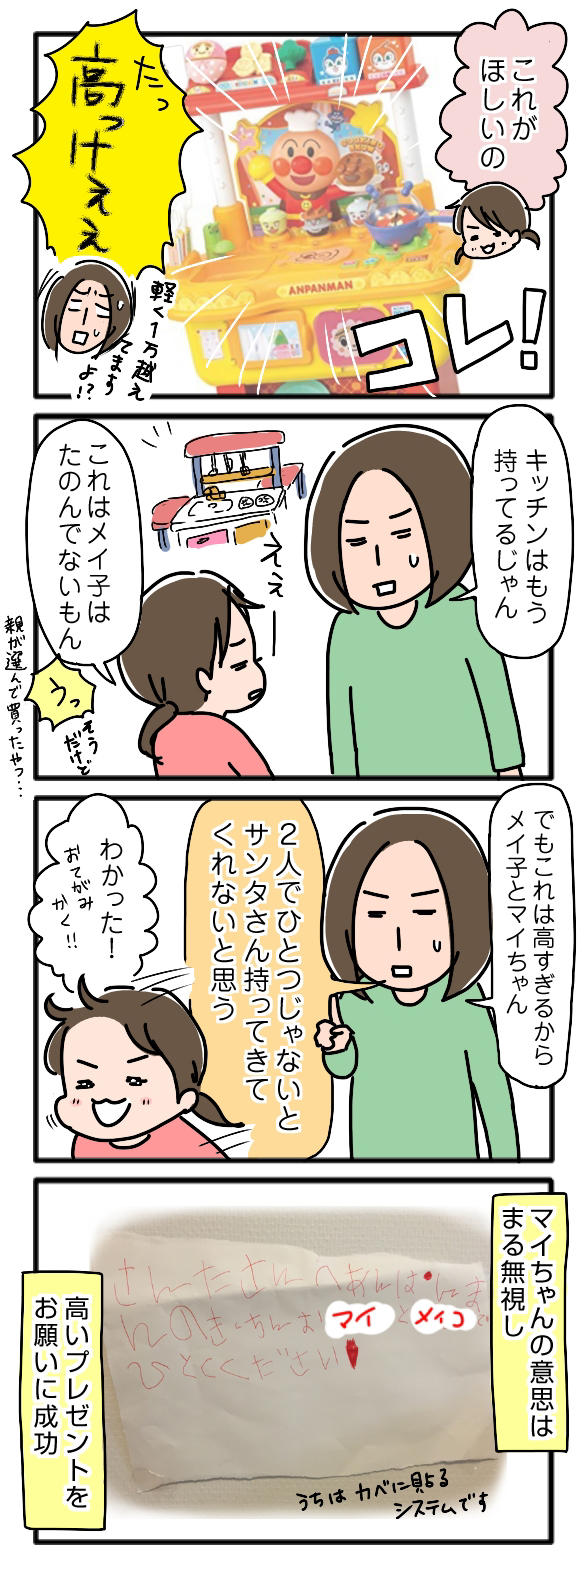 icchomae11-12